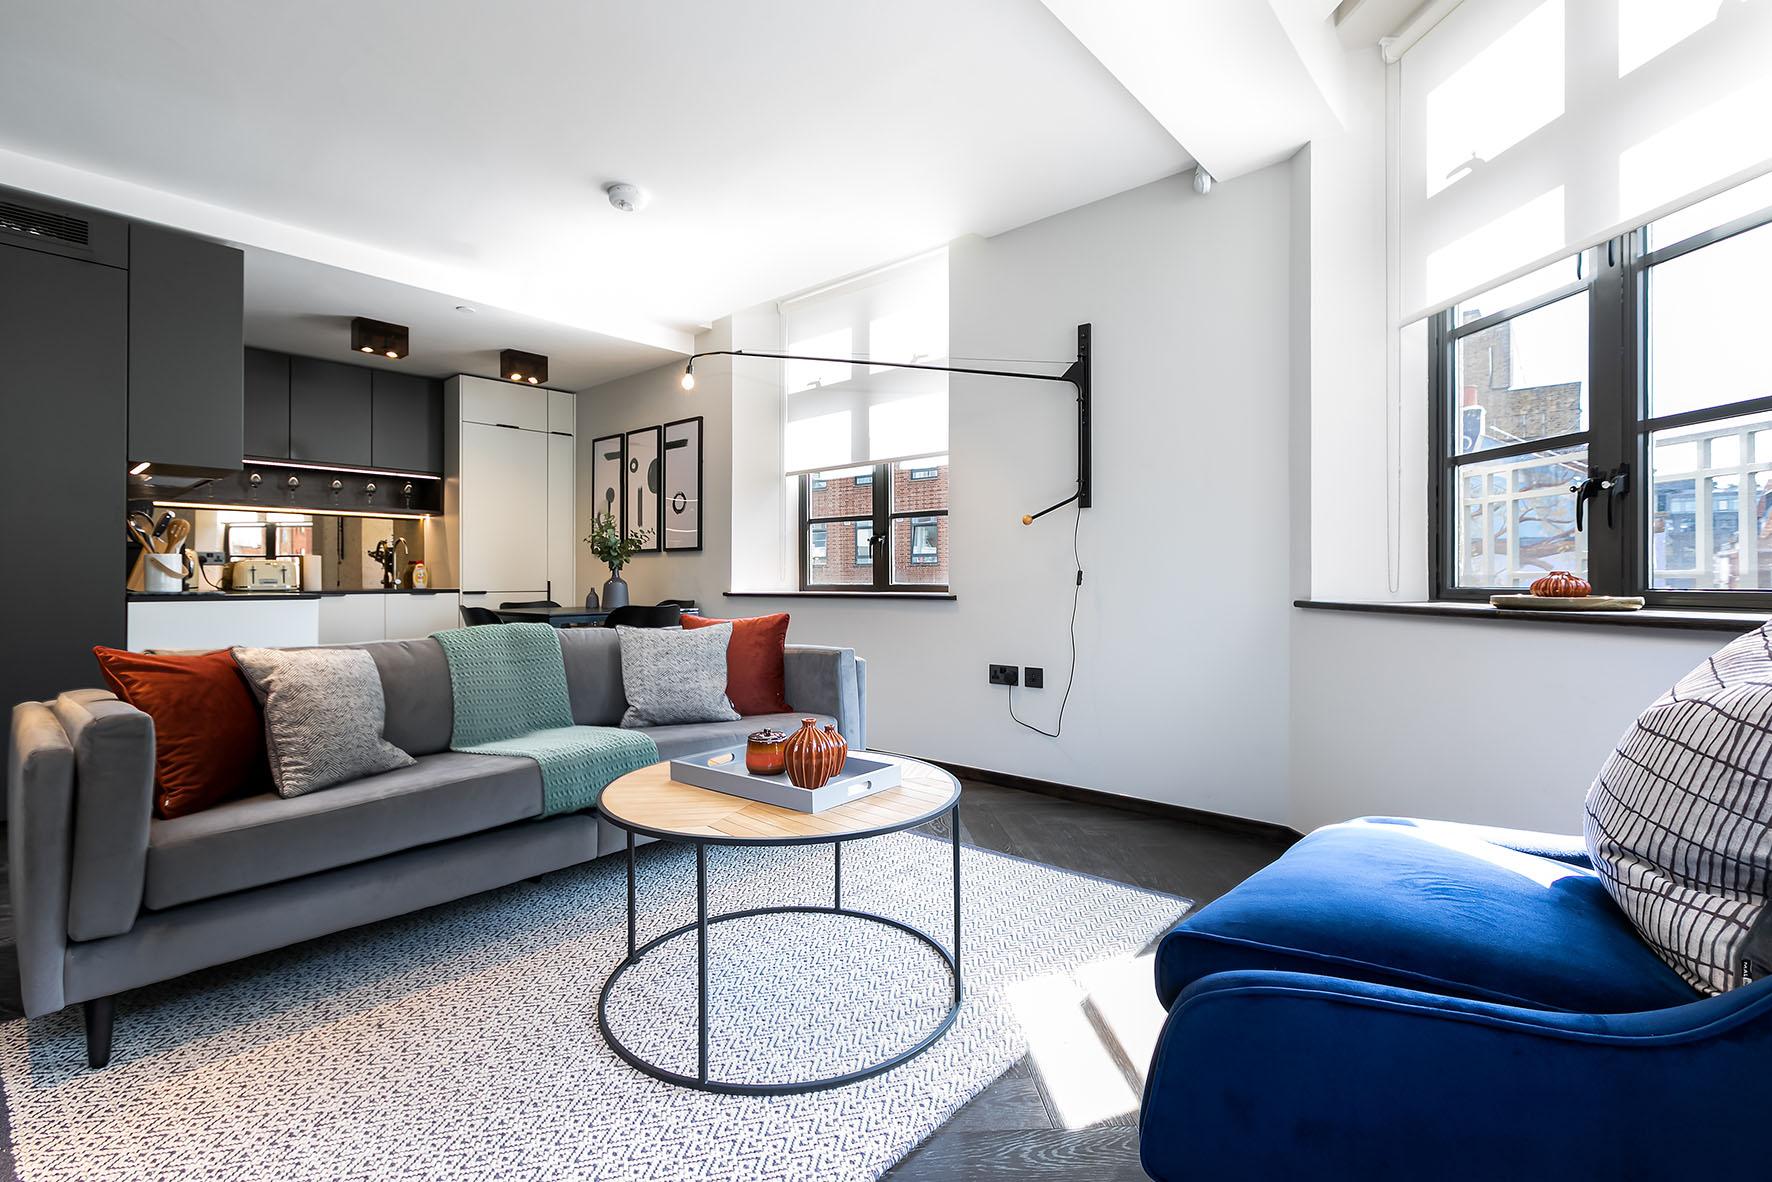 Lovelydays luxury service apartment rental - London - Soho - Oxford Street IV - Lovelysuite - 2 bedrooms - 2 bathrooms - Luxury living room - ae17442884e2 - Lovelydays